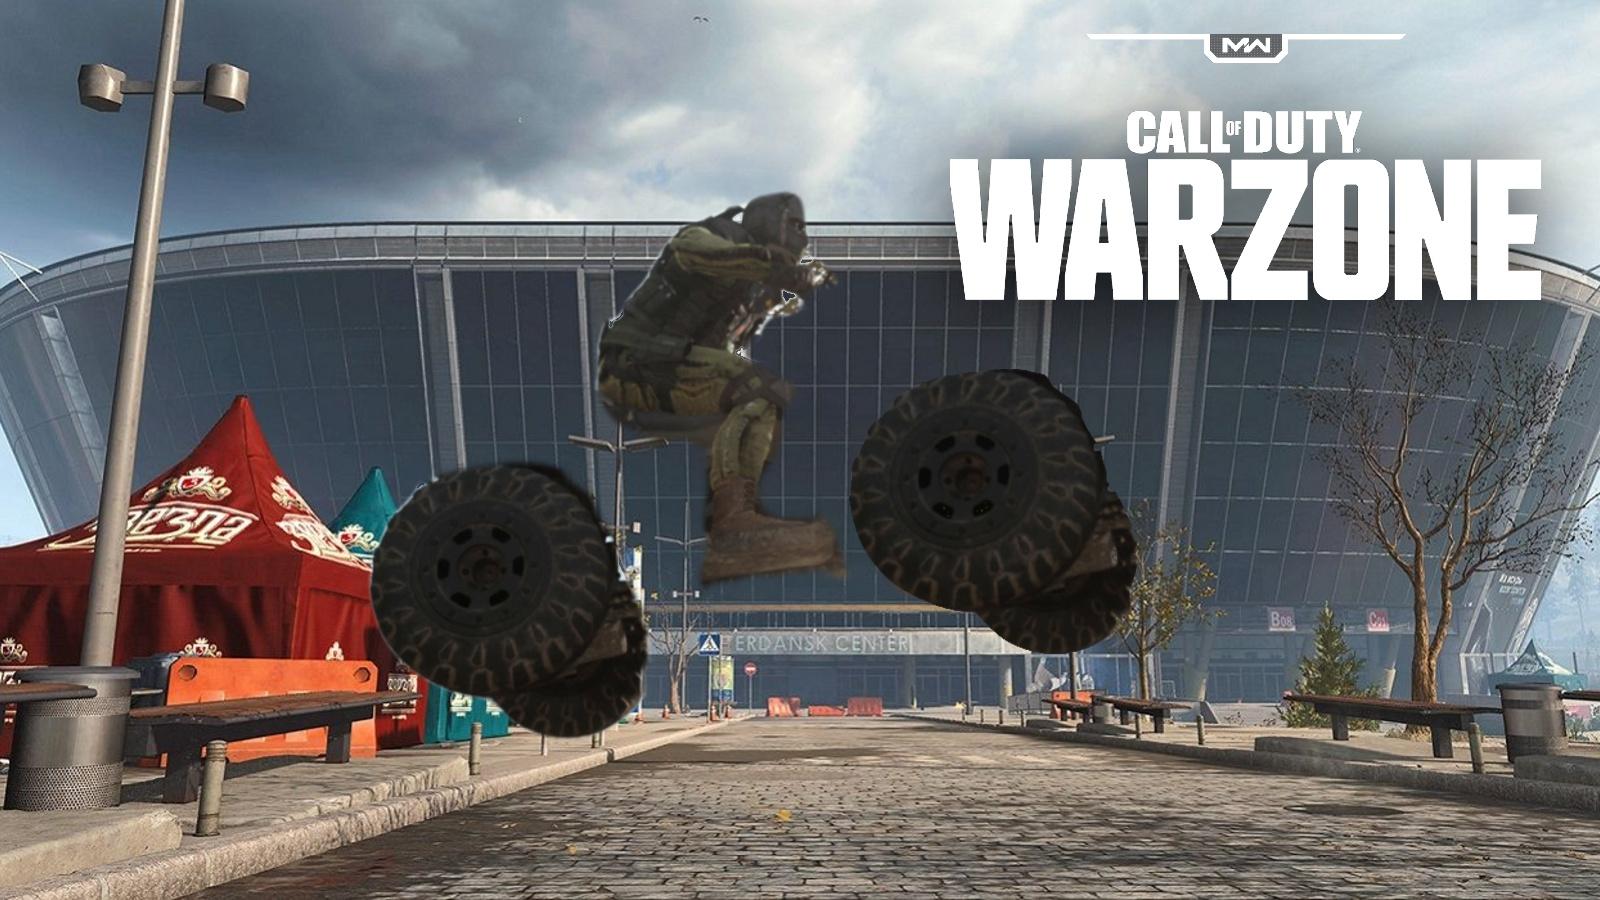 Warzone stadium invisible ATV